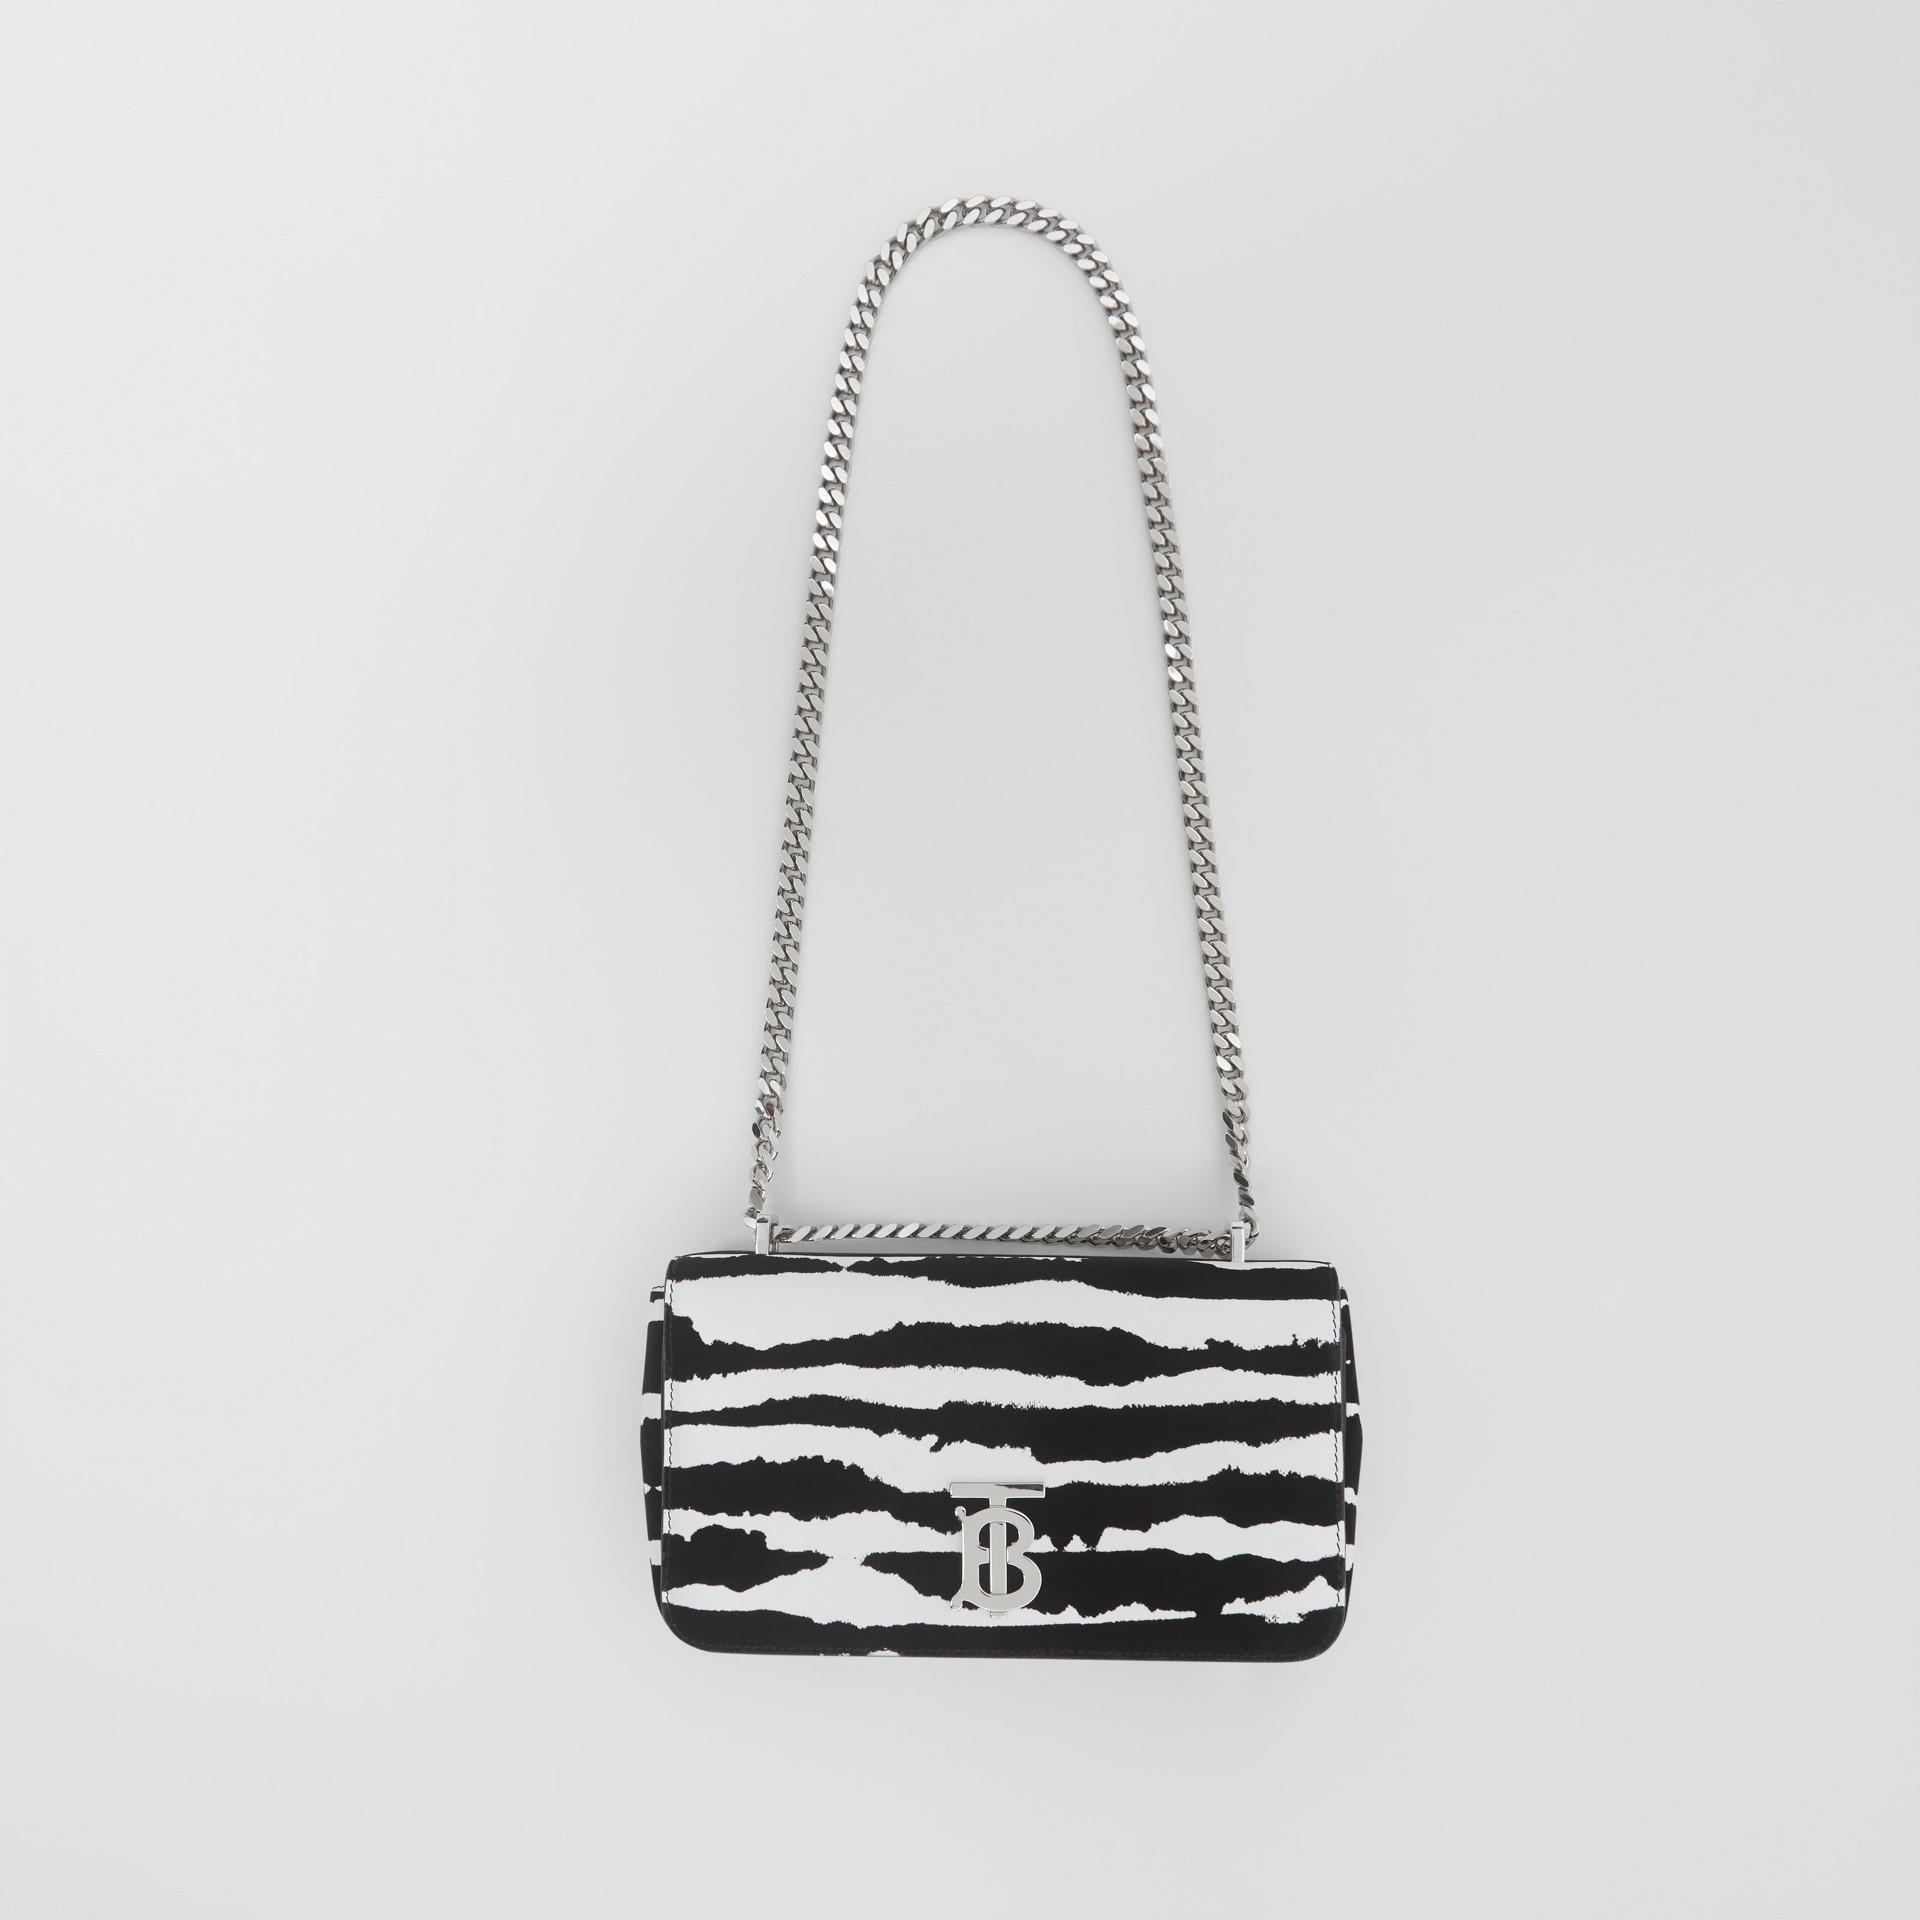 Borsa Lola piccola in pelle floccata con motivo acquerello (Bianco/nero) - Donna | Burberry - immagine della galleria 3